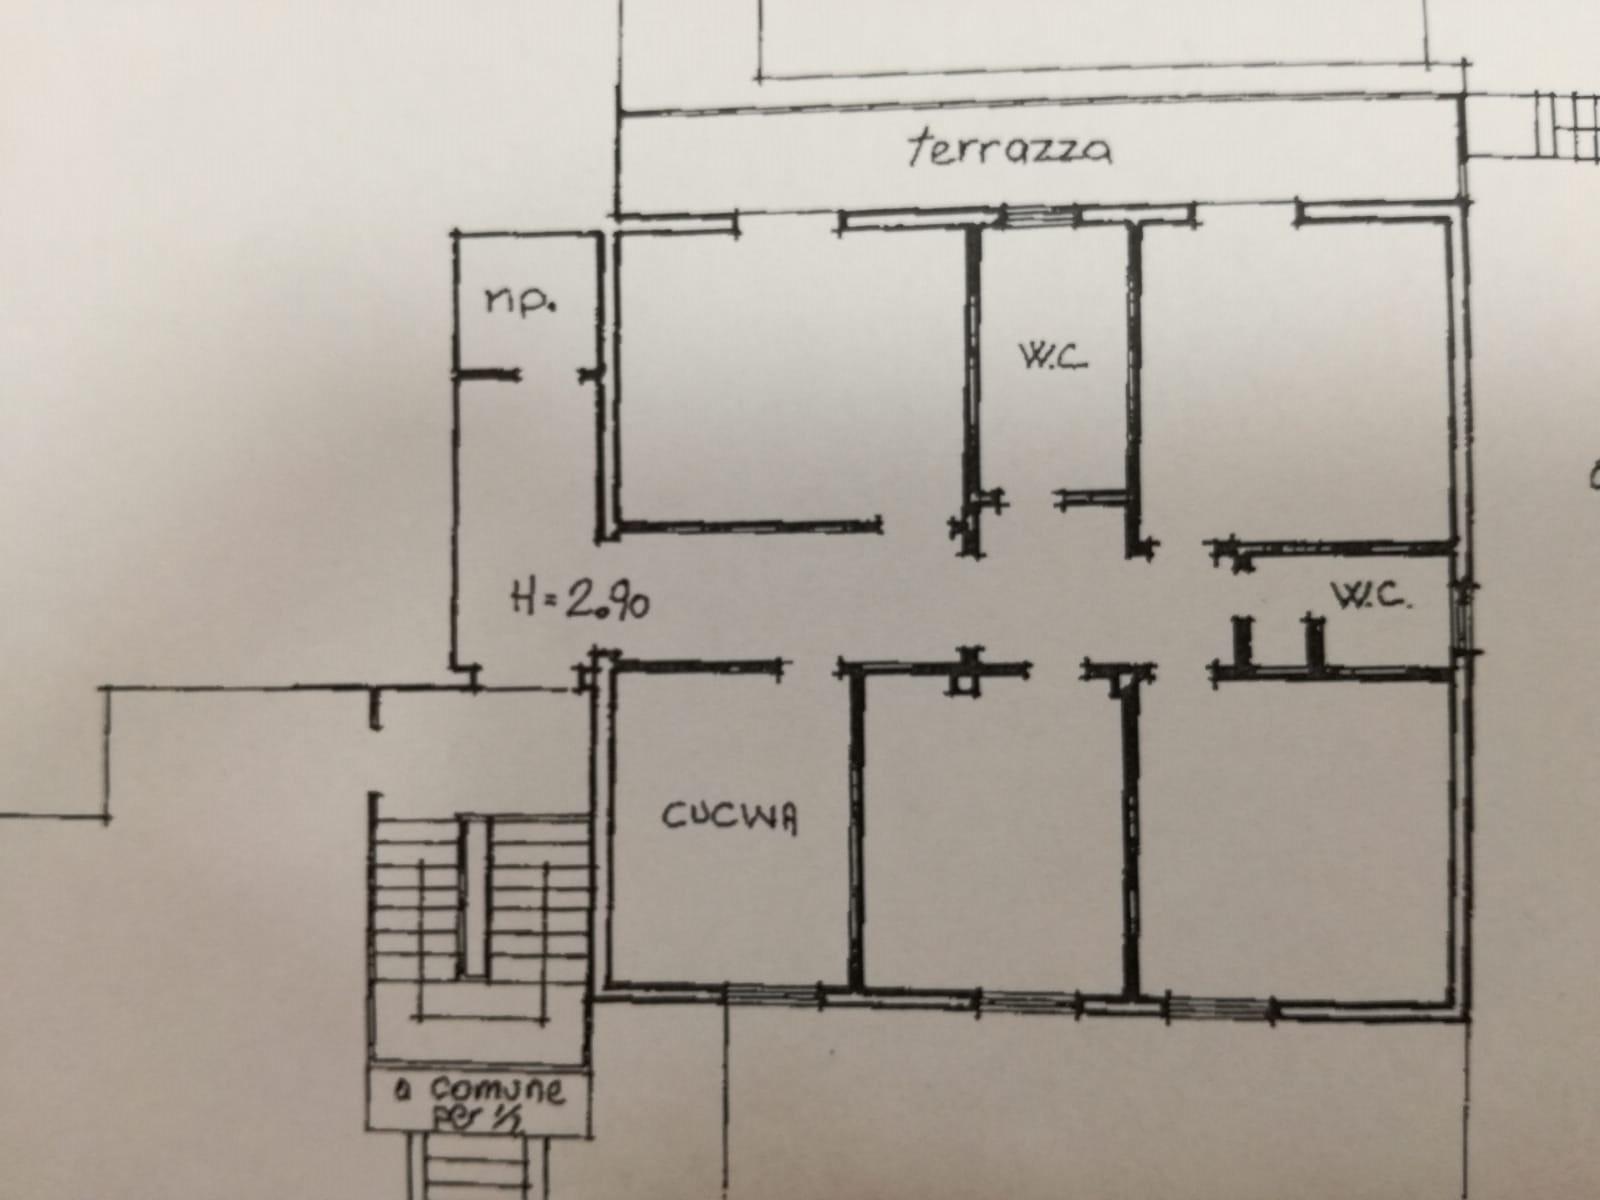 Appartamento in vendita, rif. 352 (Planimetria 1/1)